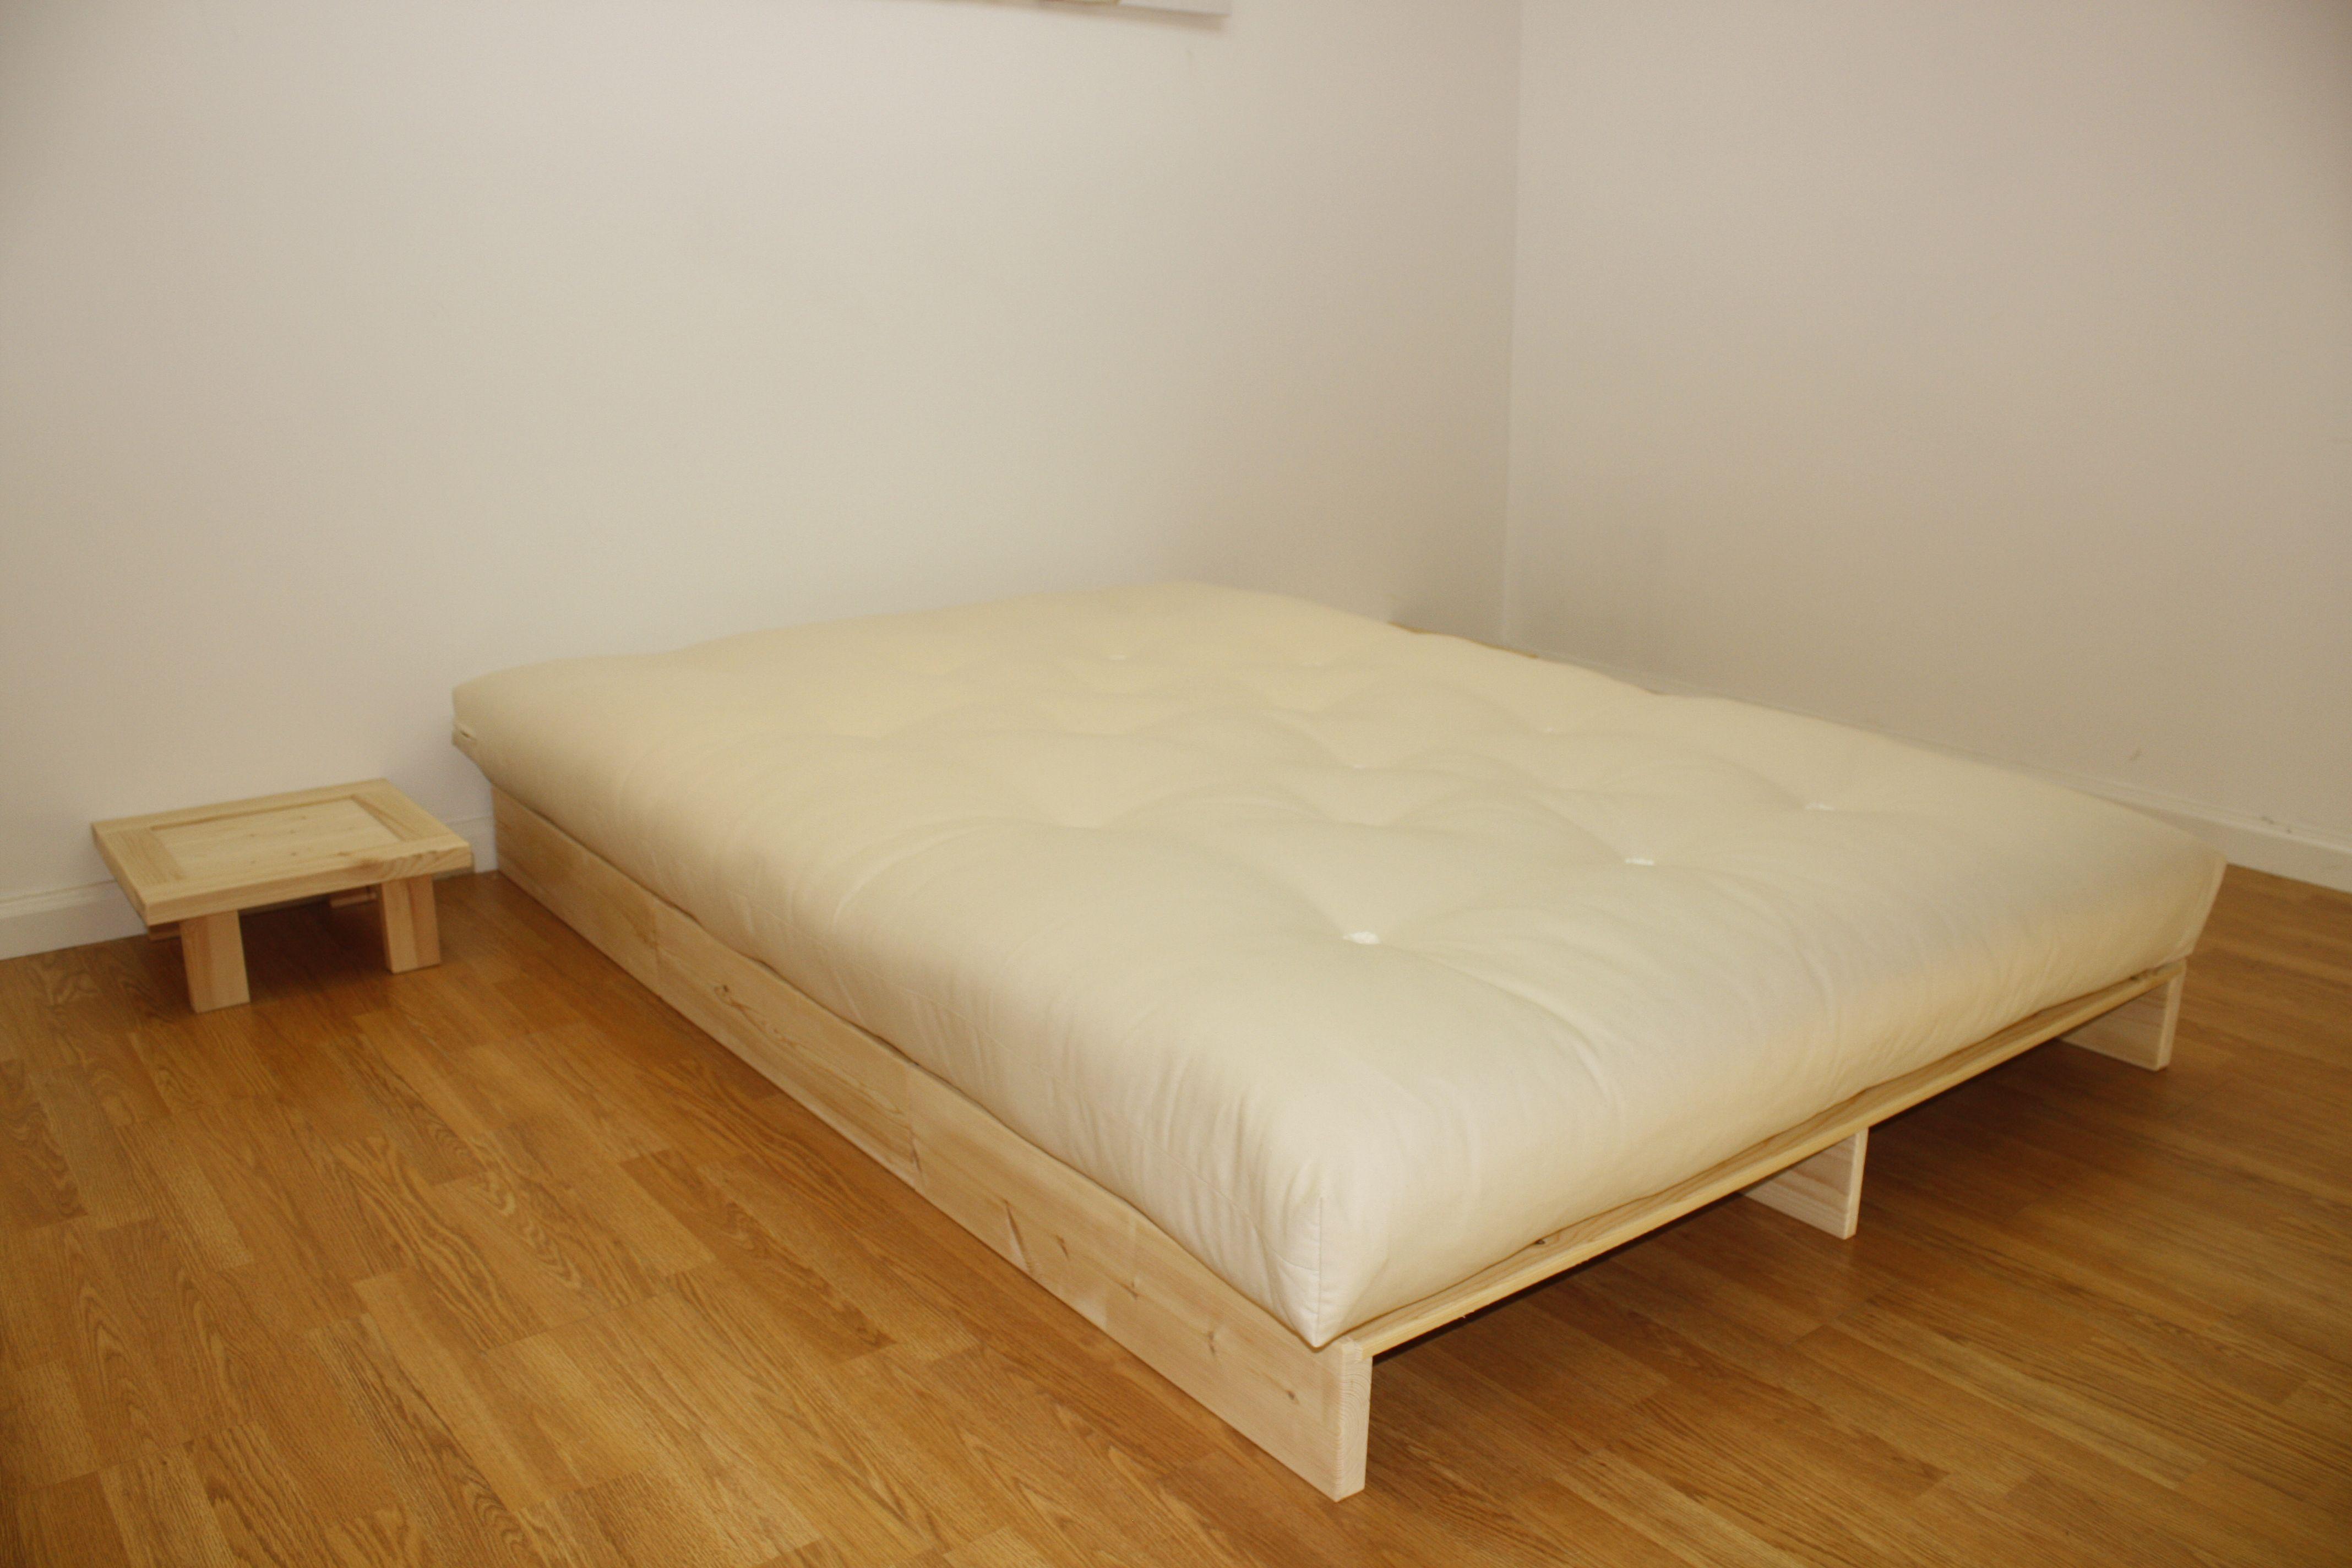 High bed platform - Shiki Low Futon Bed 15cm High Simple Slatted Platform Bed Base Ideal For A Futon